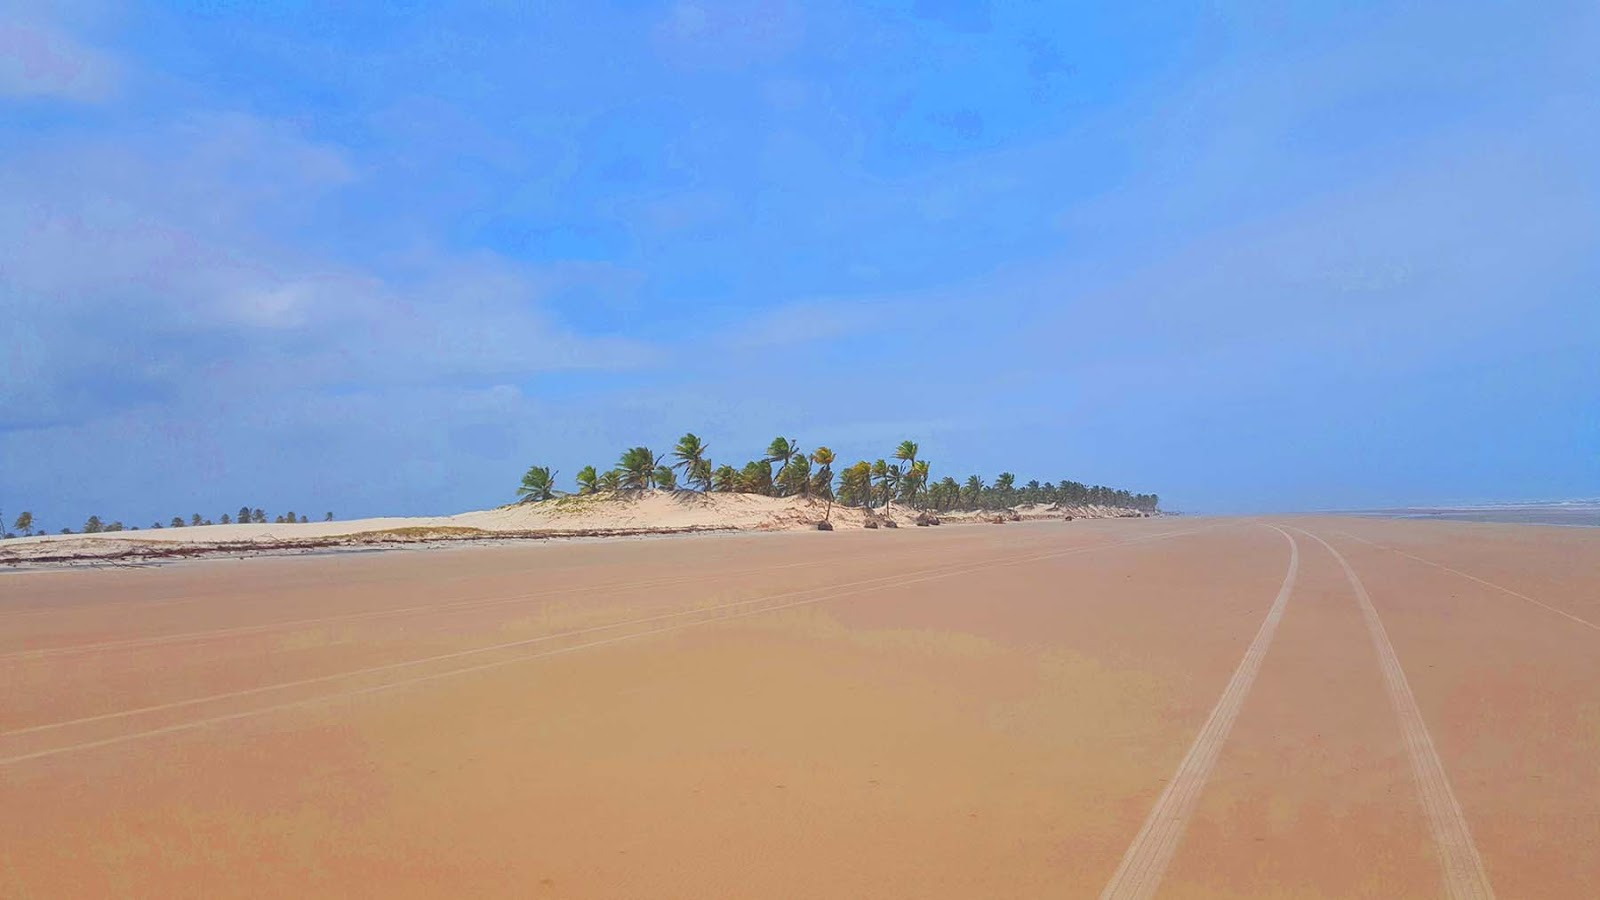 Passeio de buggy pela praia em Mangue Seco.